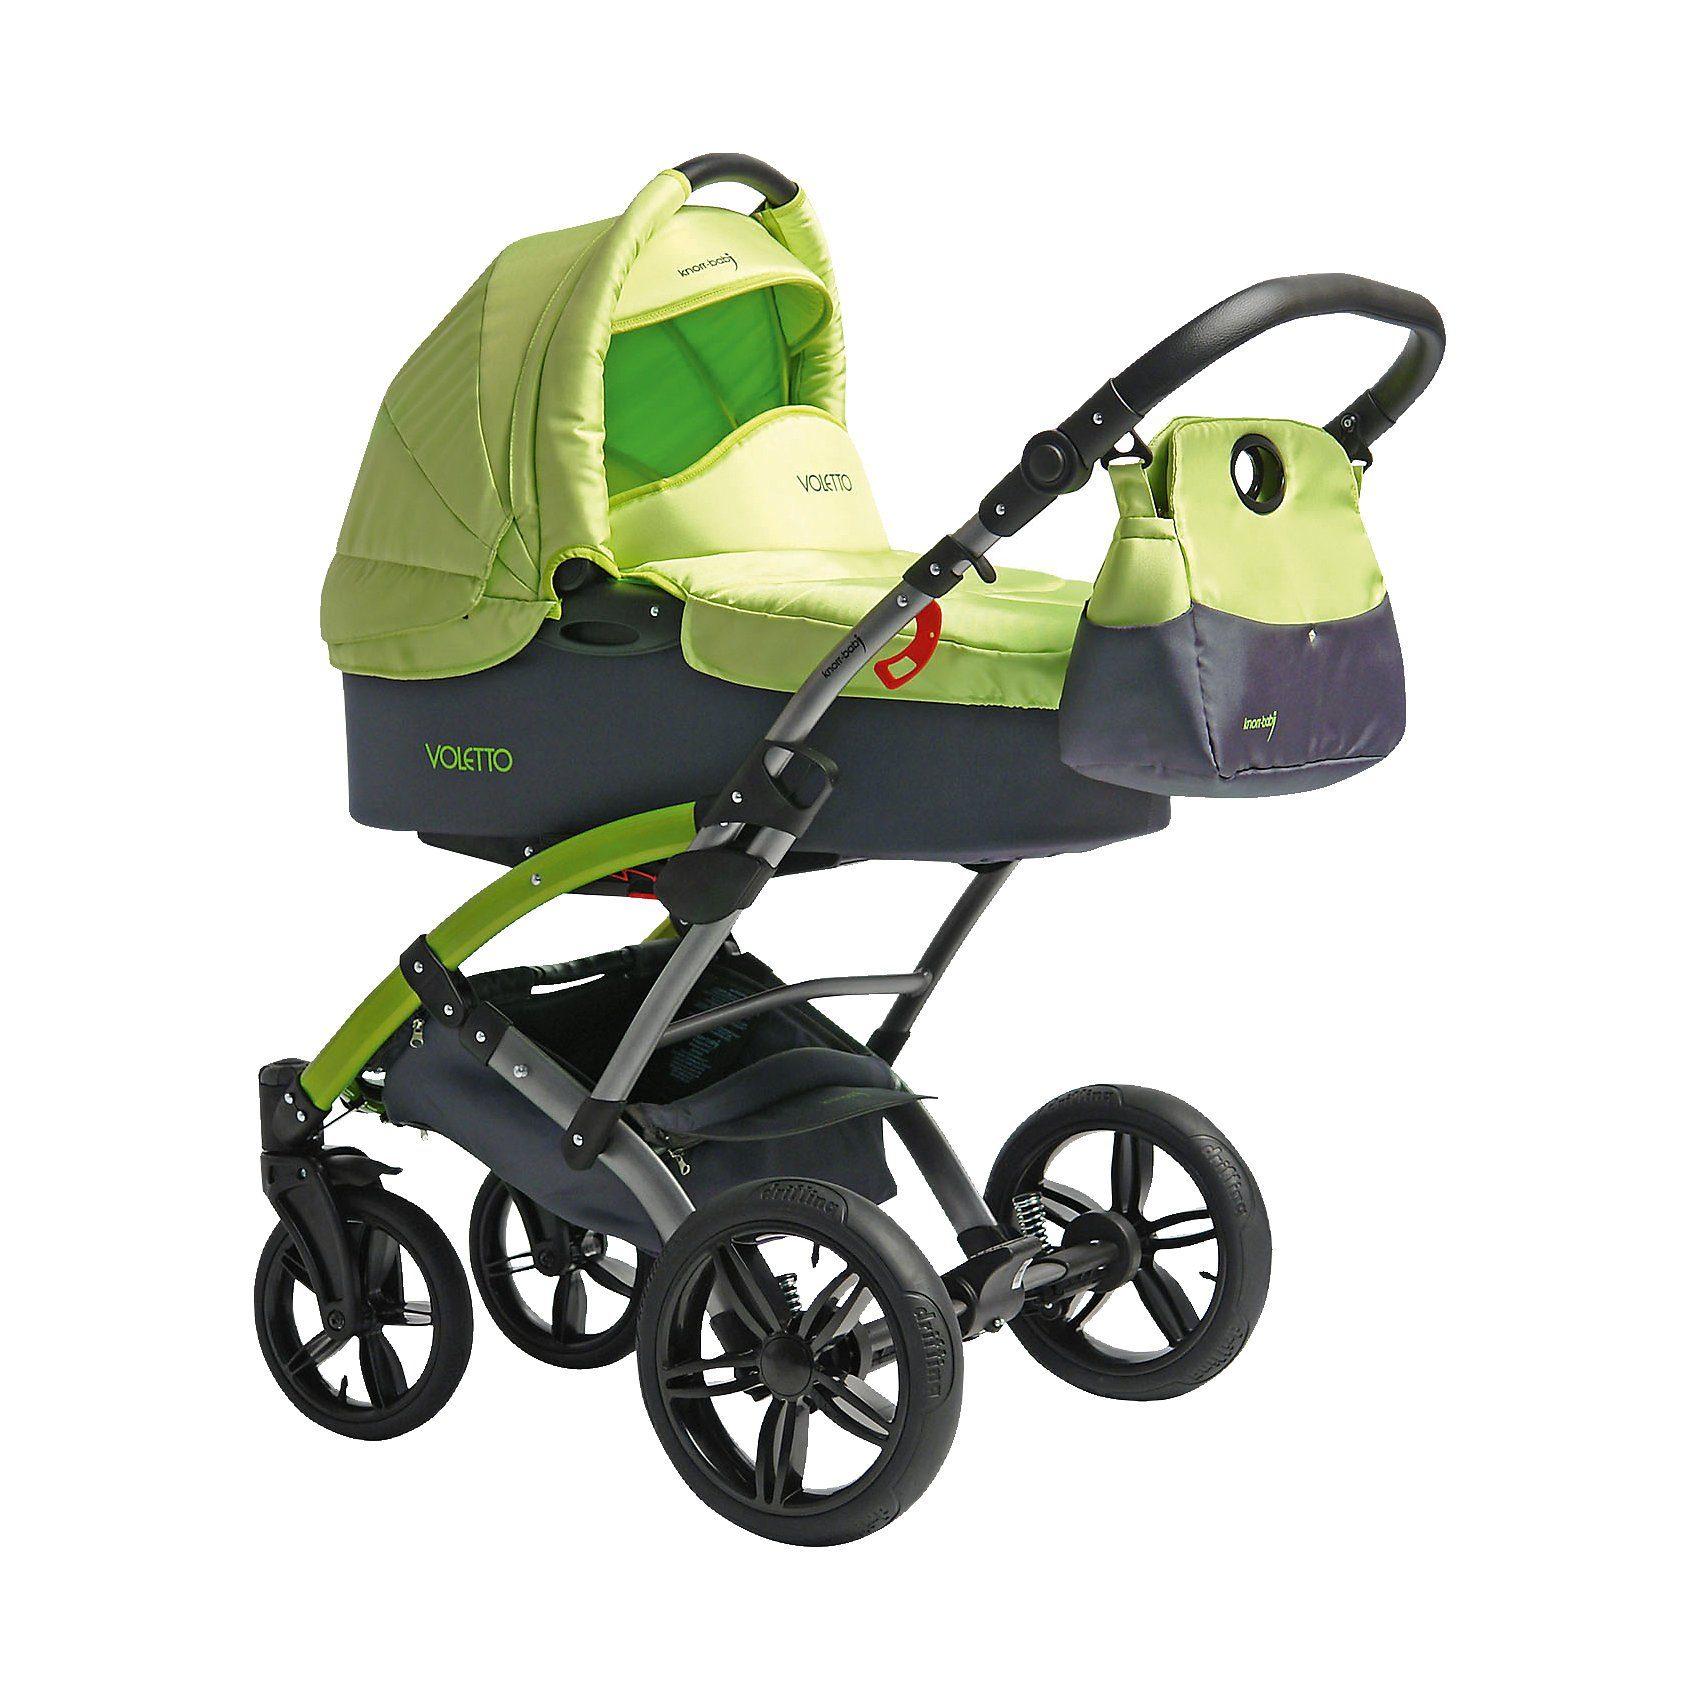 knorr-baby Kombi Kinderwagen Voletto Sport mit Wickeltasche, grau-lemon